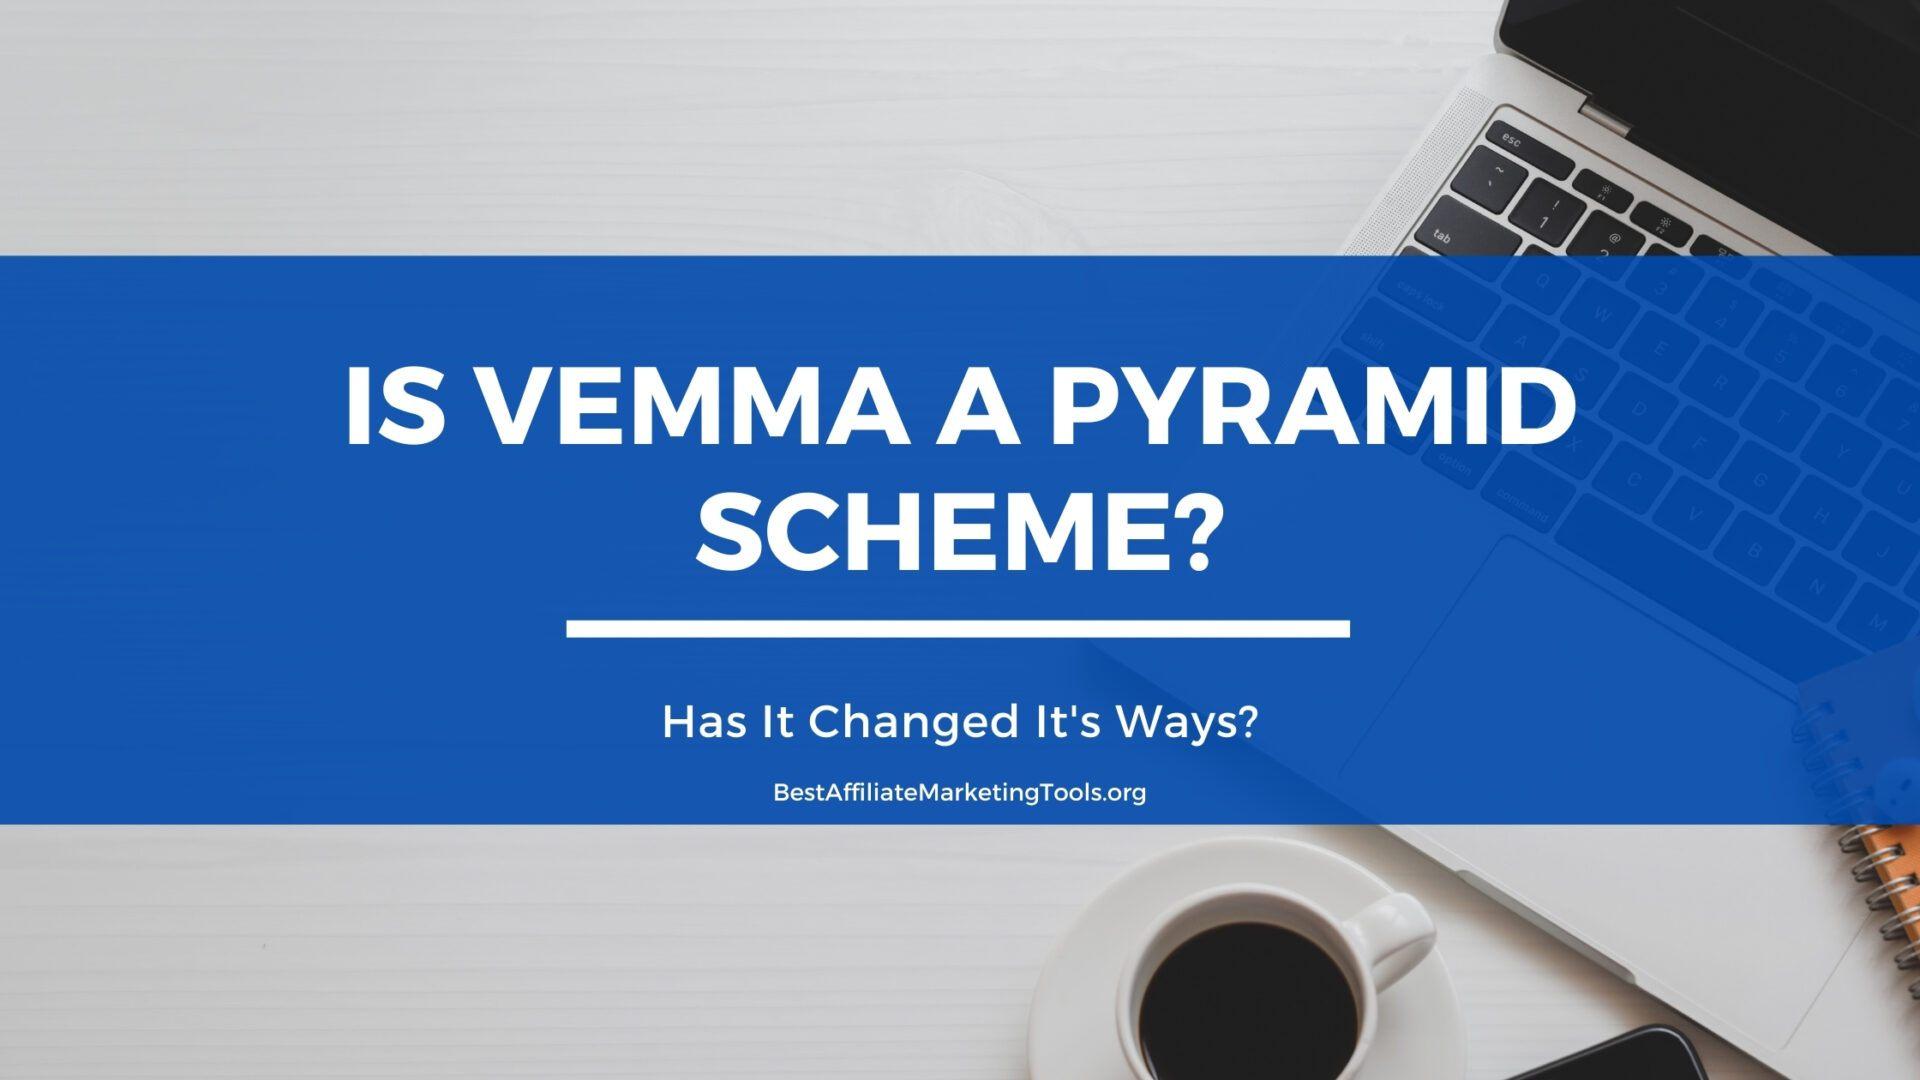 Is Vemma a Pyramid Scheme